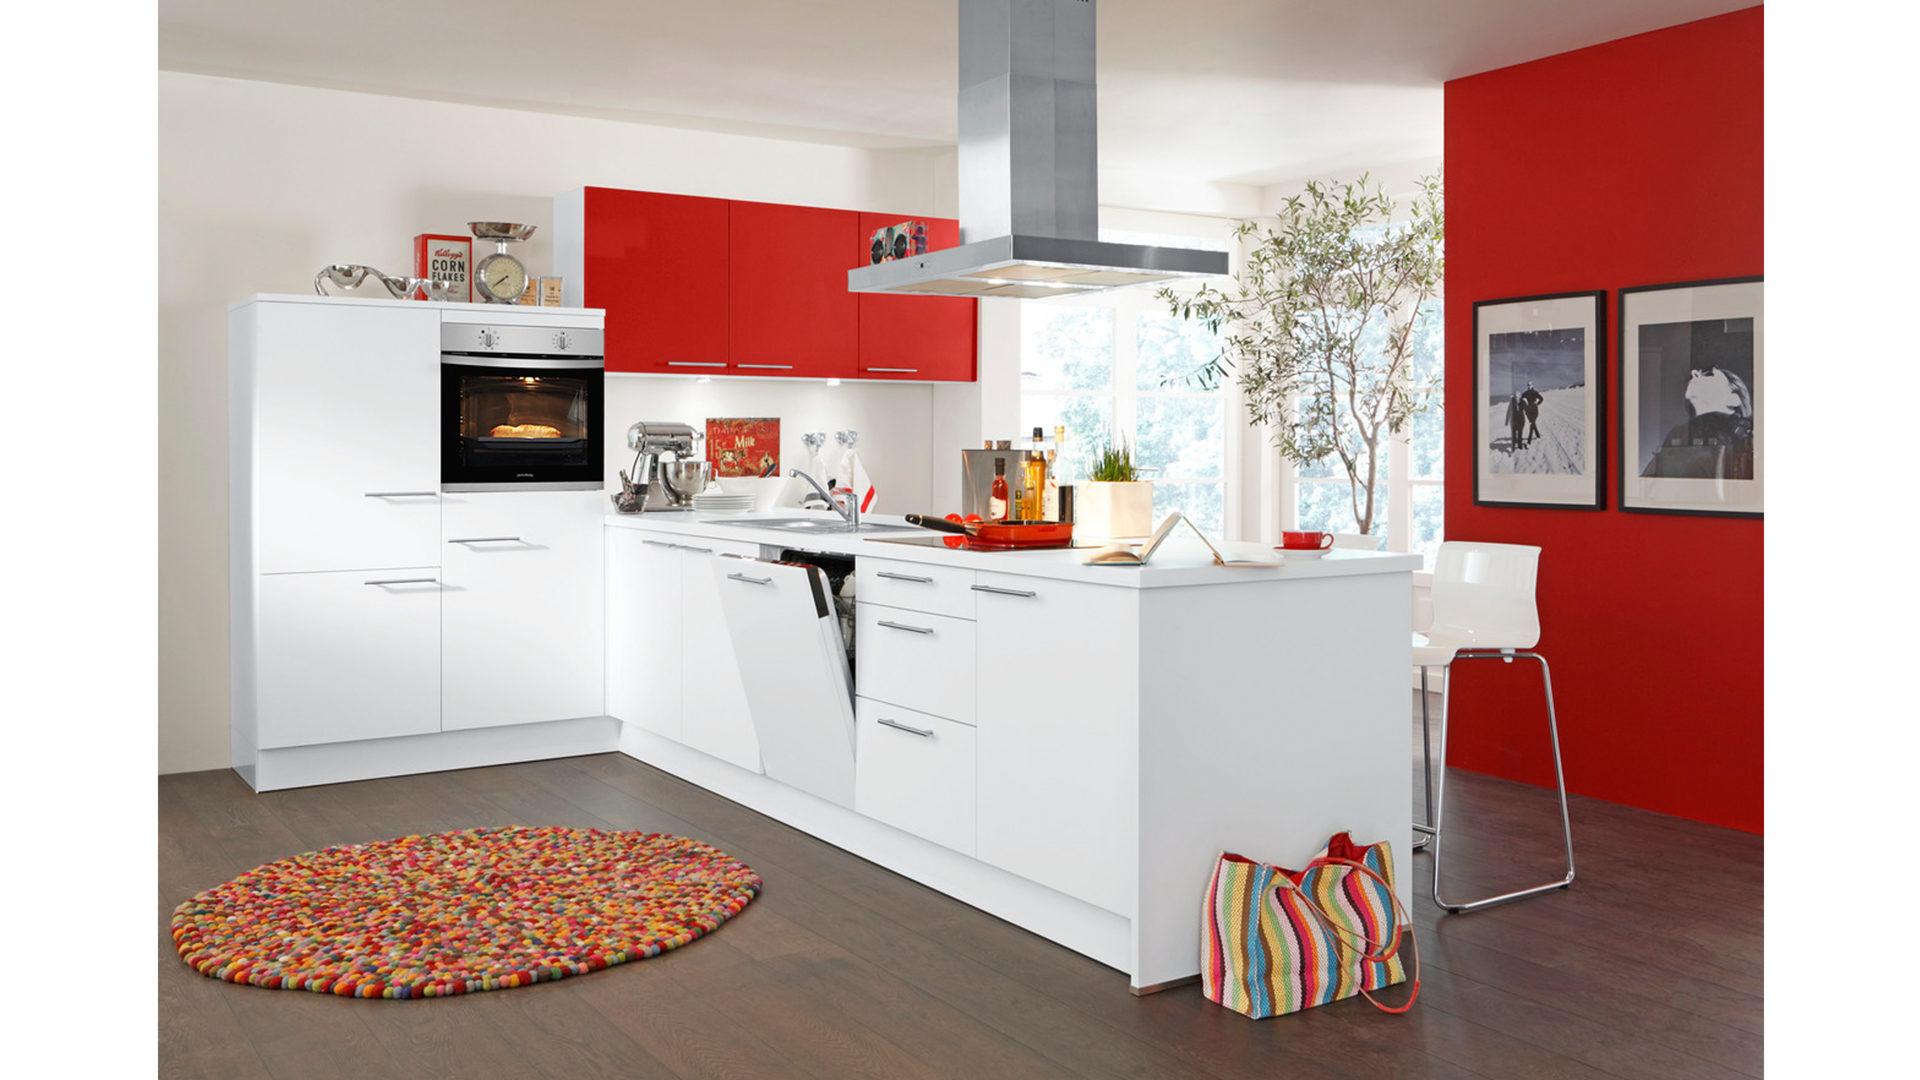 Kühlschrank Rot : Einbauküche mit privileg elektrogeräten wie kühlschrank